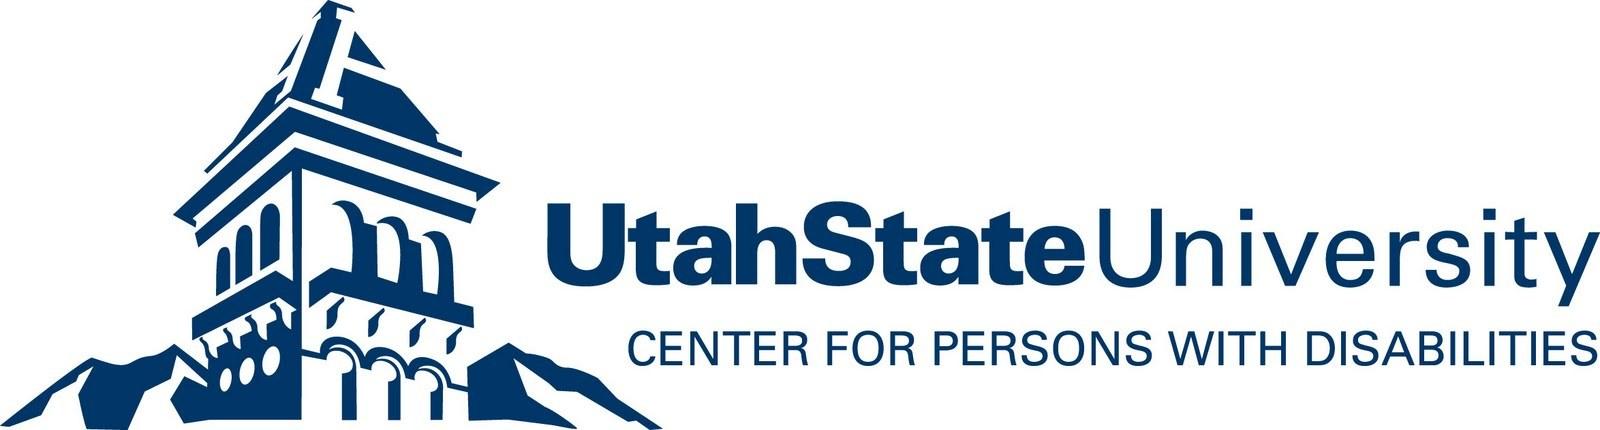 Utah-State_ORIGINAL.jpg#asset:4503